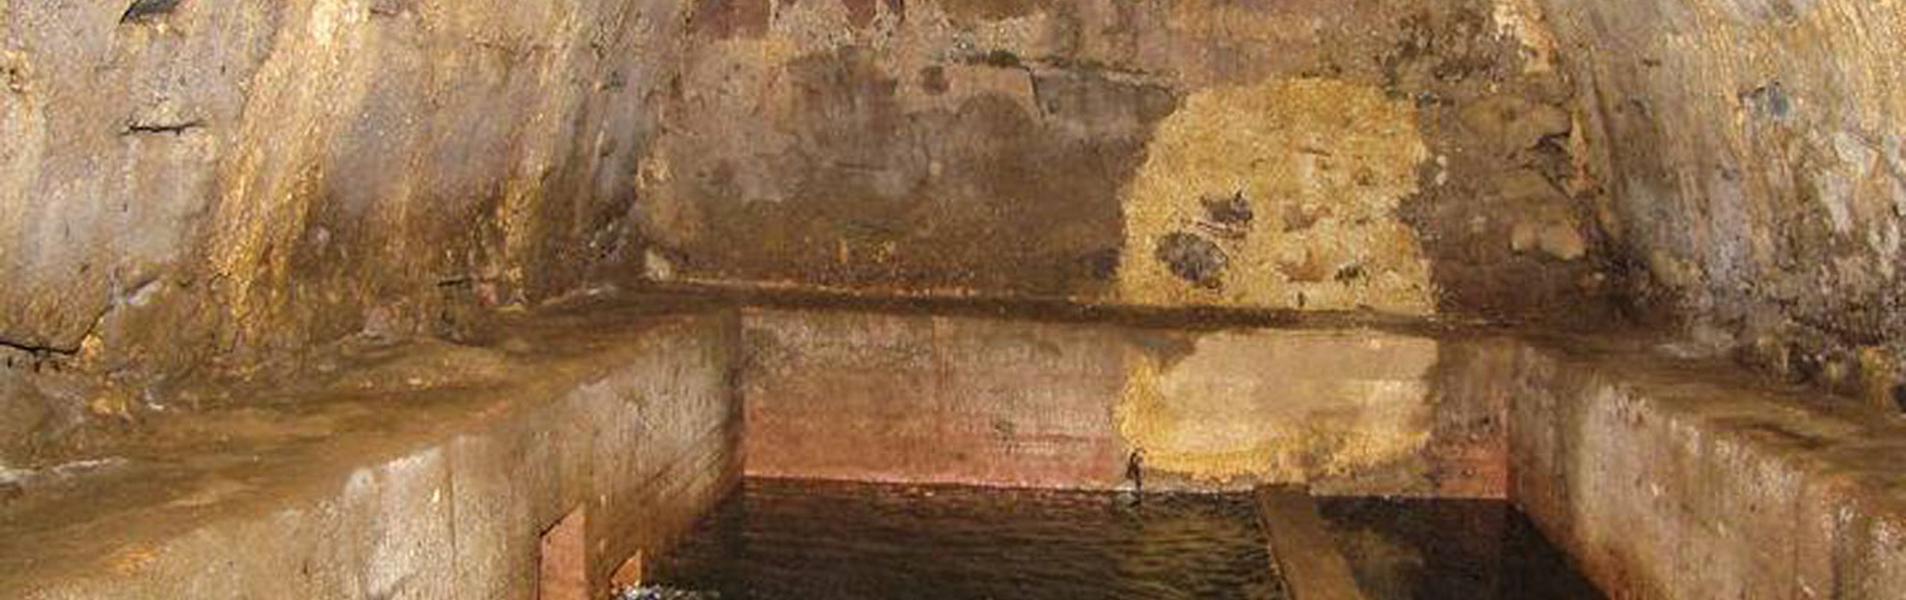 Arca del Agua